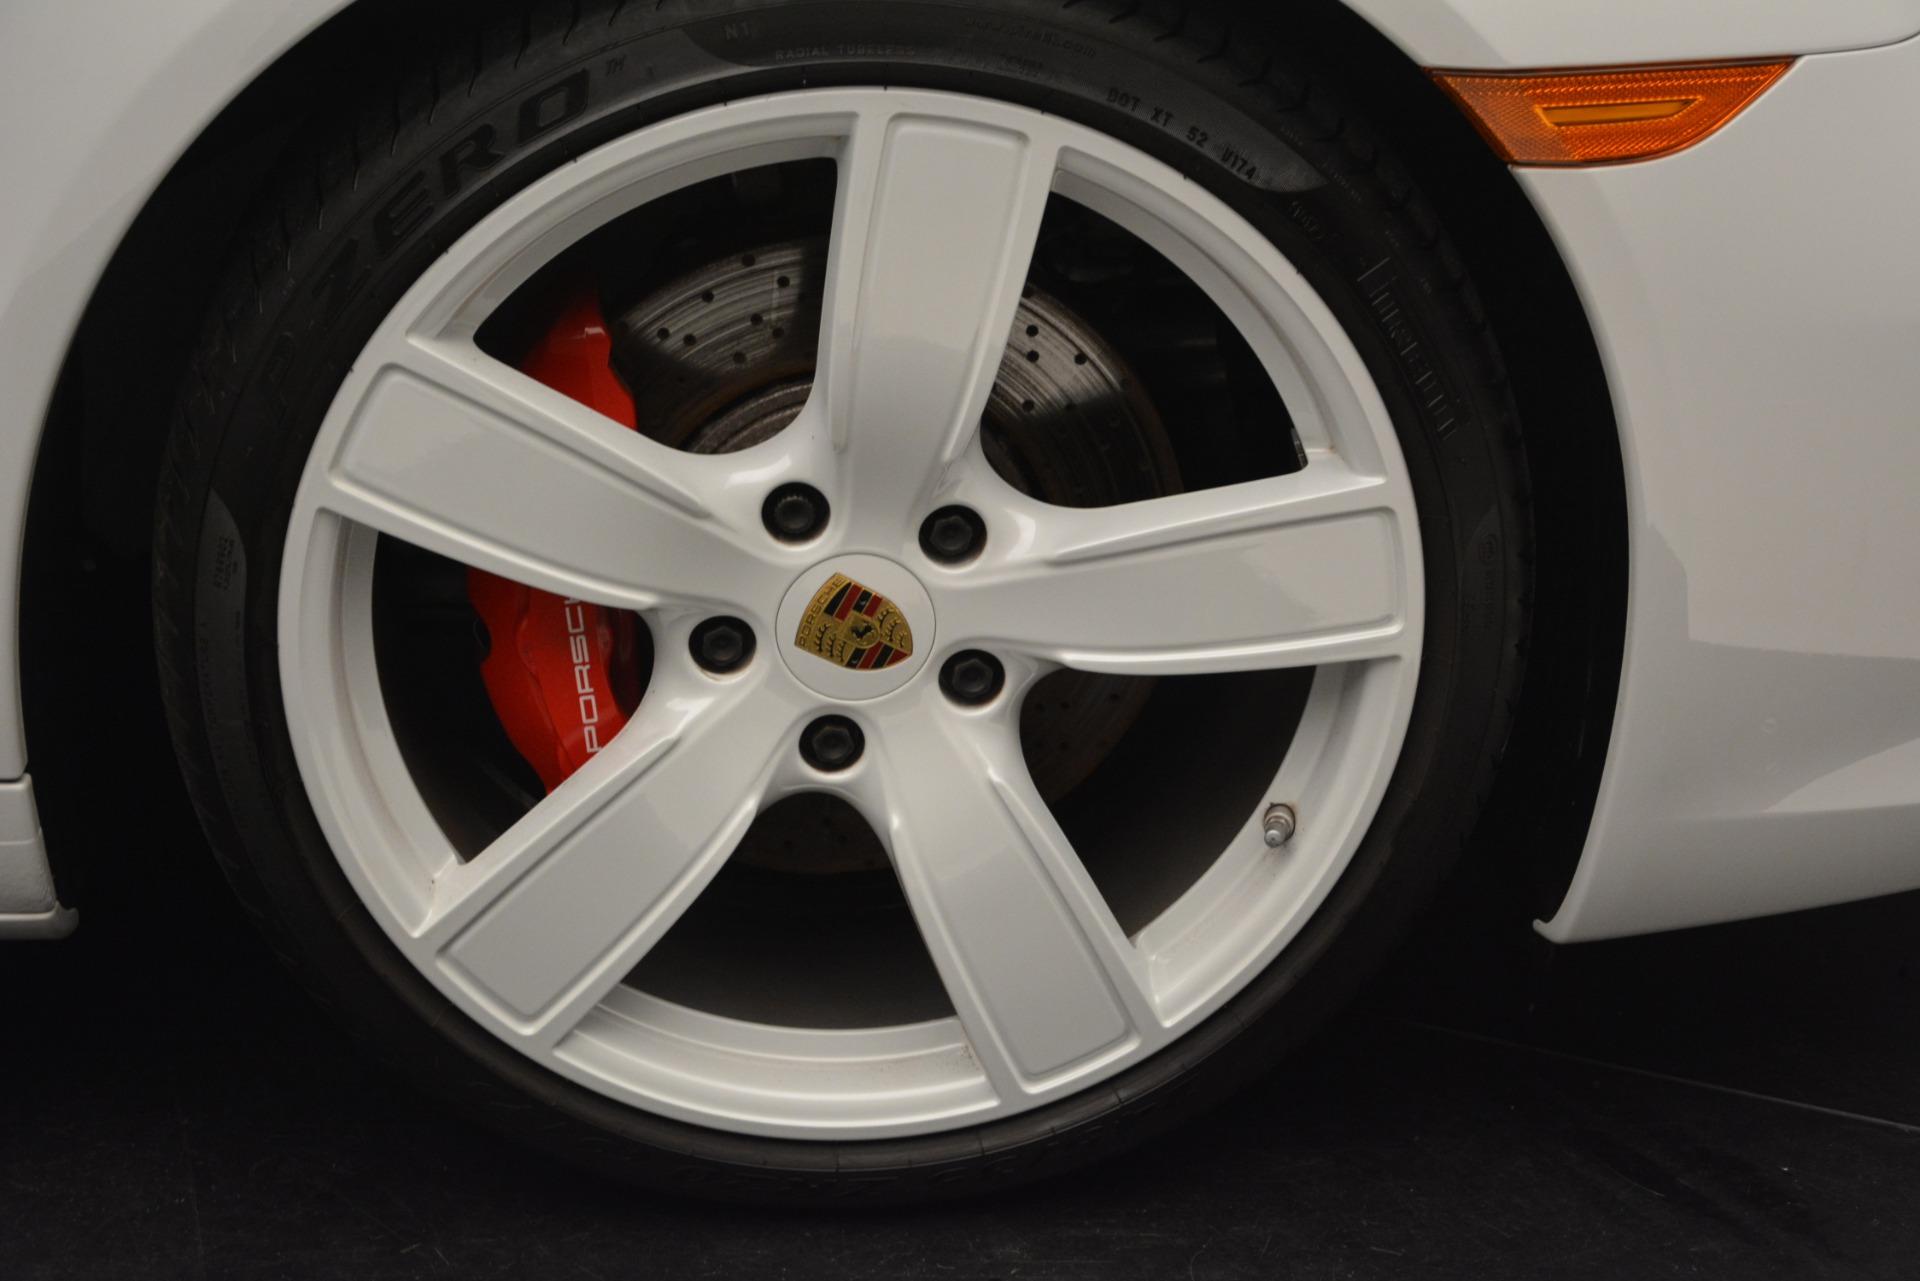 Used 2017 Porsche 911 Targa 4S For Sale In Westport, CT 2593_p24